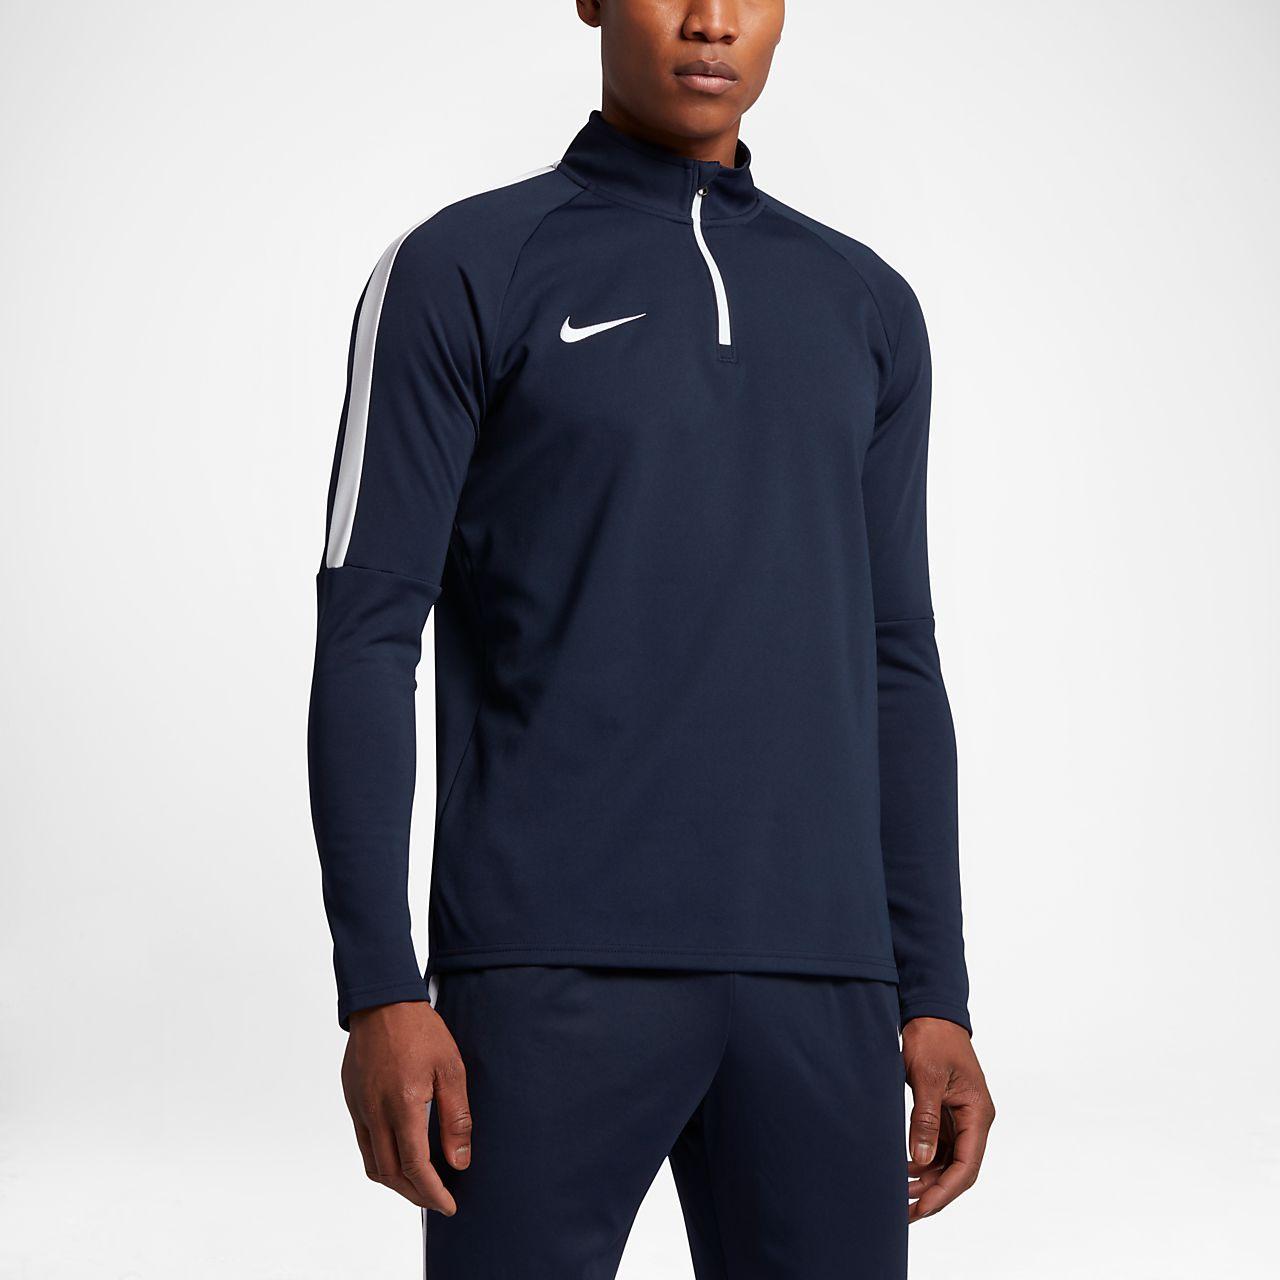 Maglia da calcio per allenamento con zip a 1/4 Nike Dri-FIT Academy - Uomo